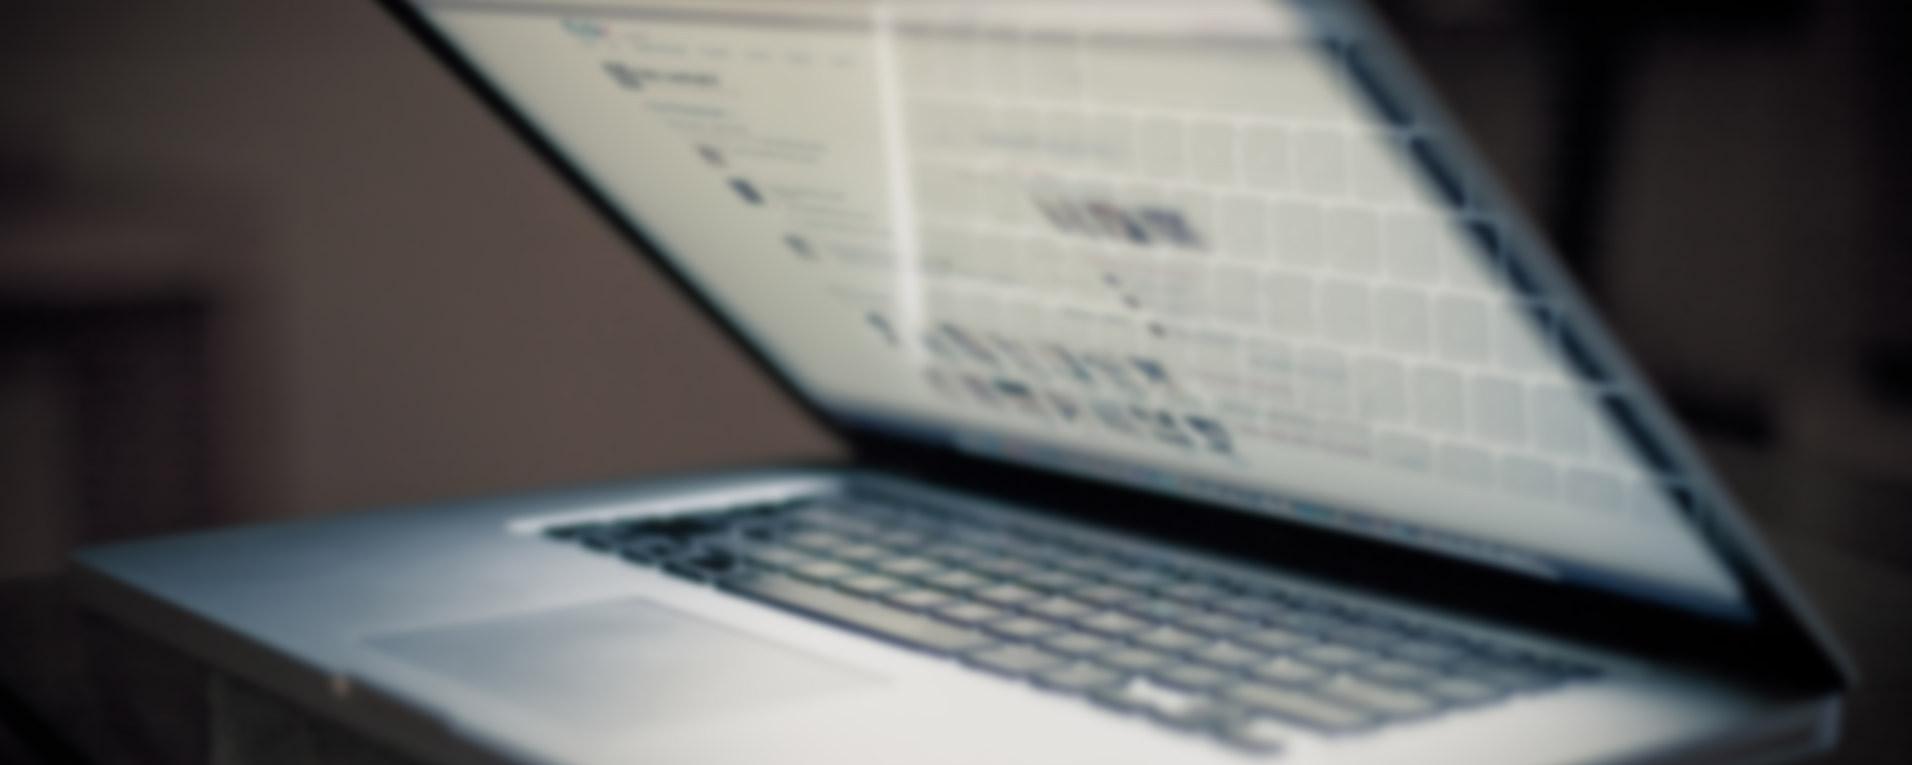 Web-Konzepte mit Fokus auf das Wesentliche.